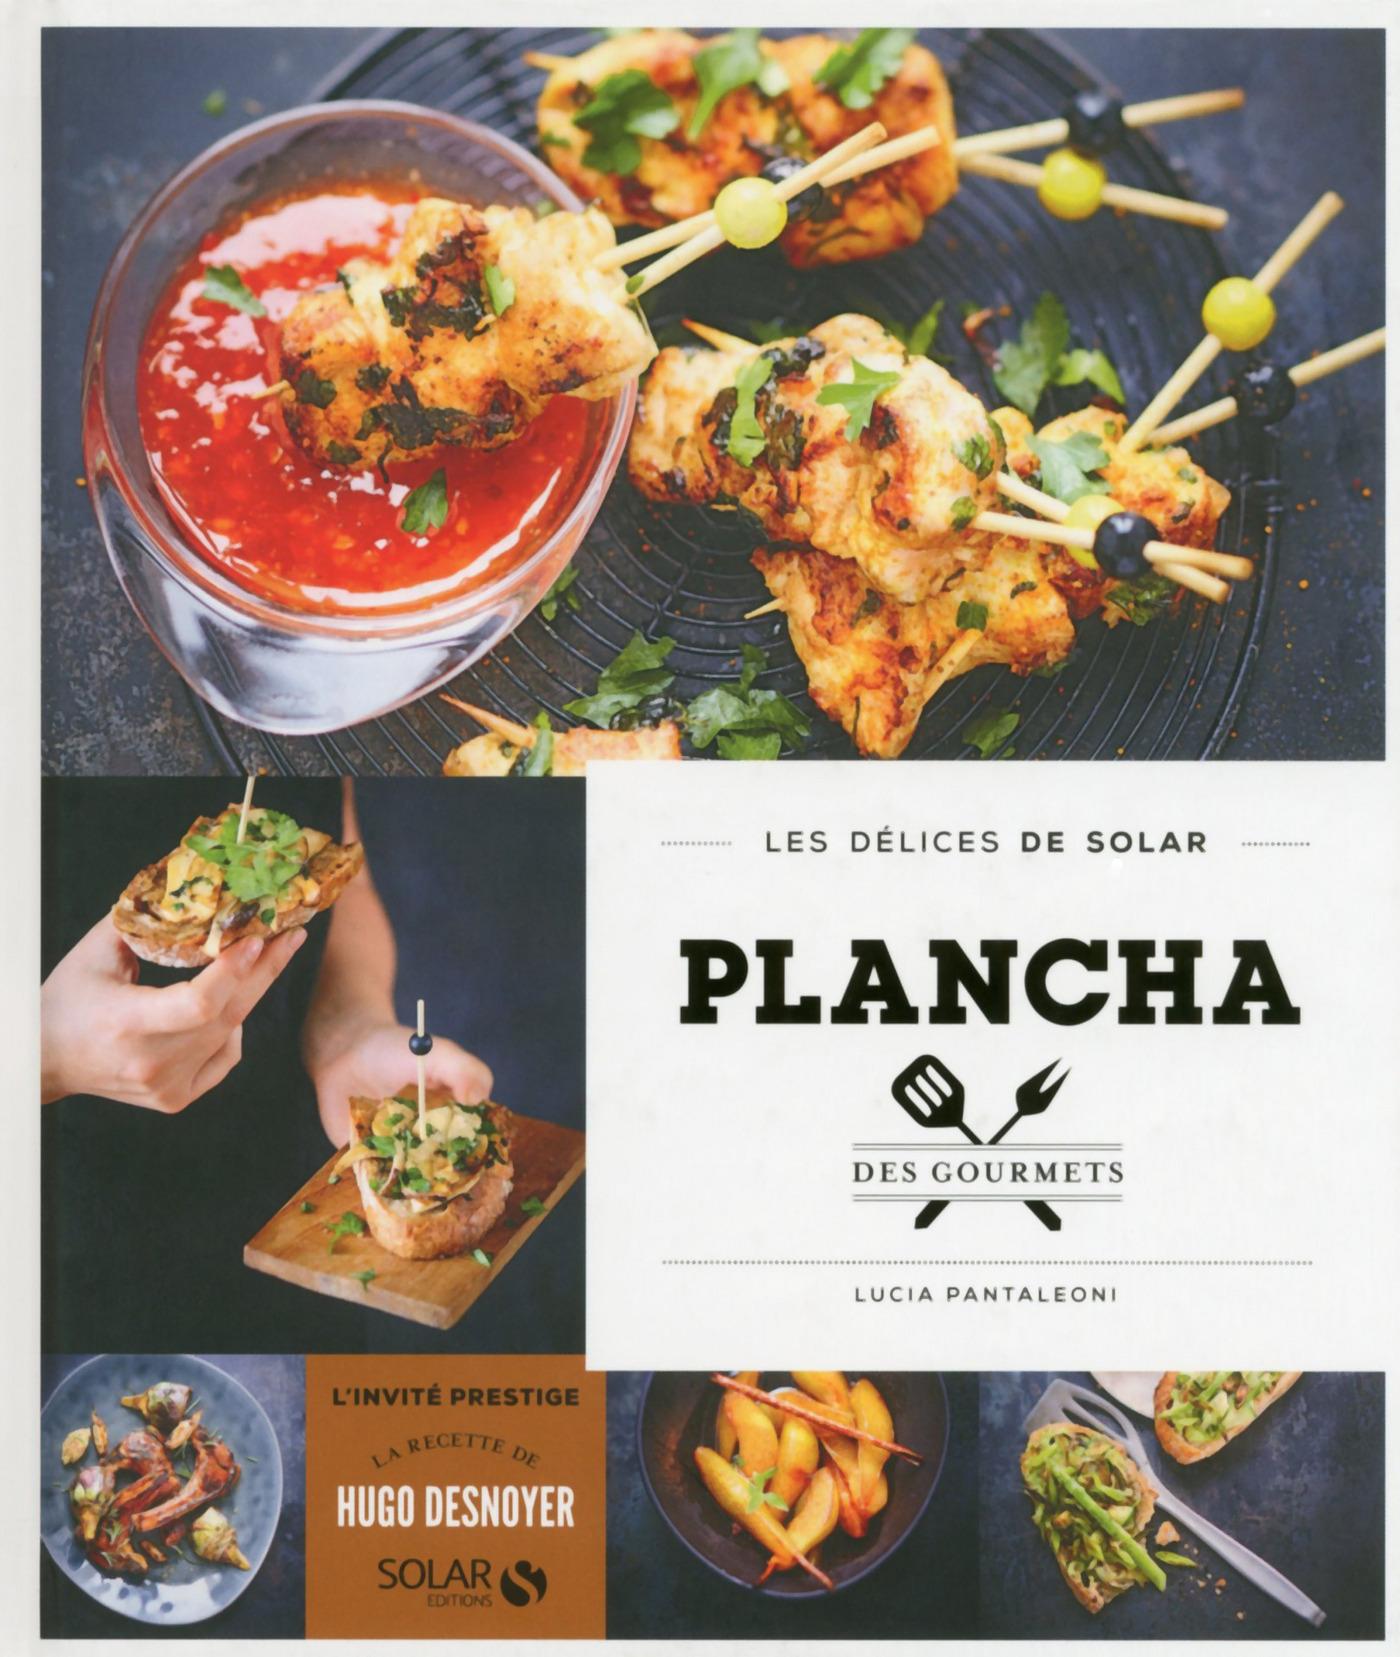 Plancha des gourmets - Les délices de Solar